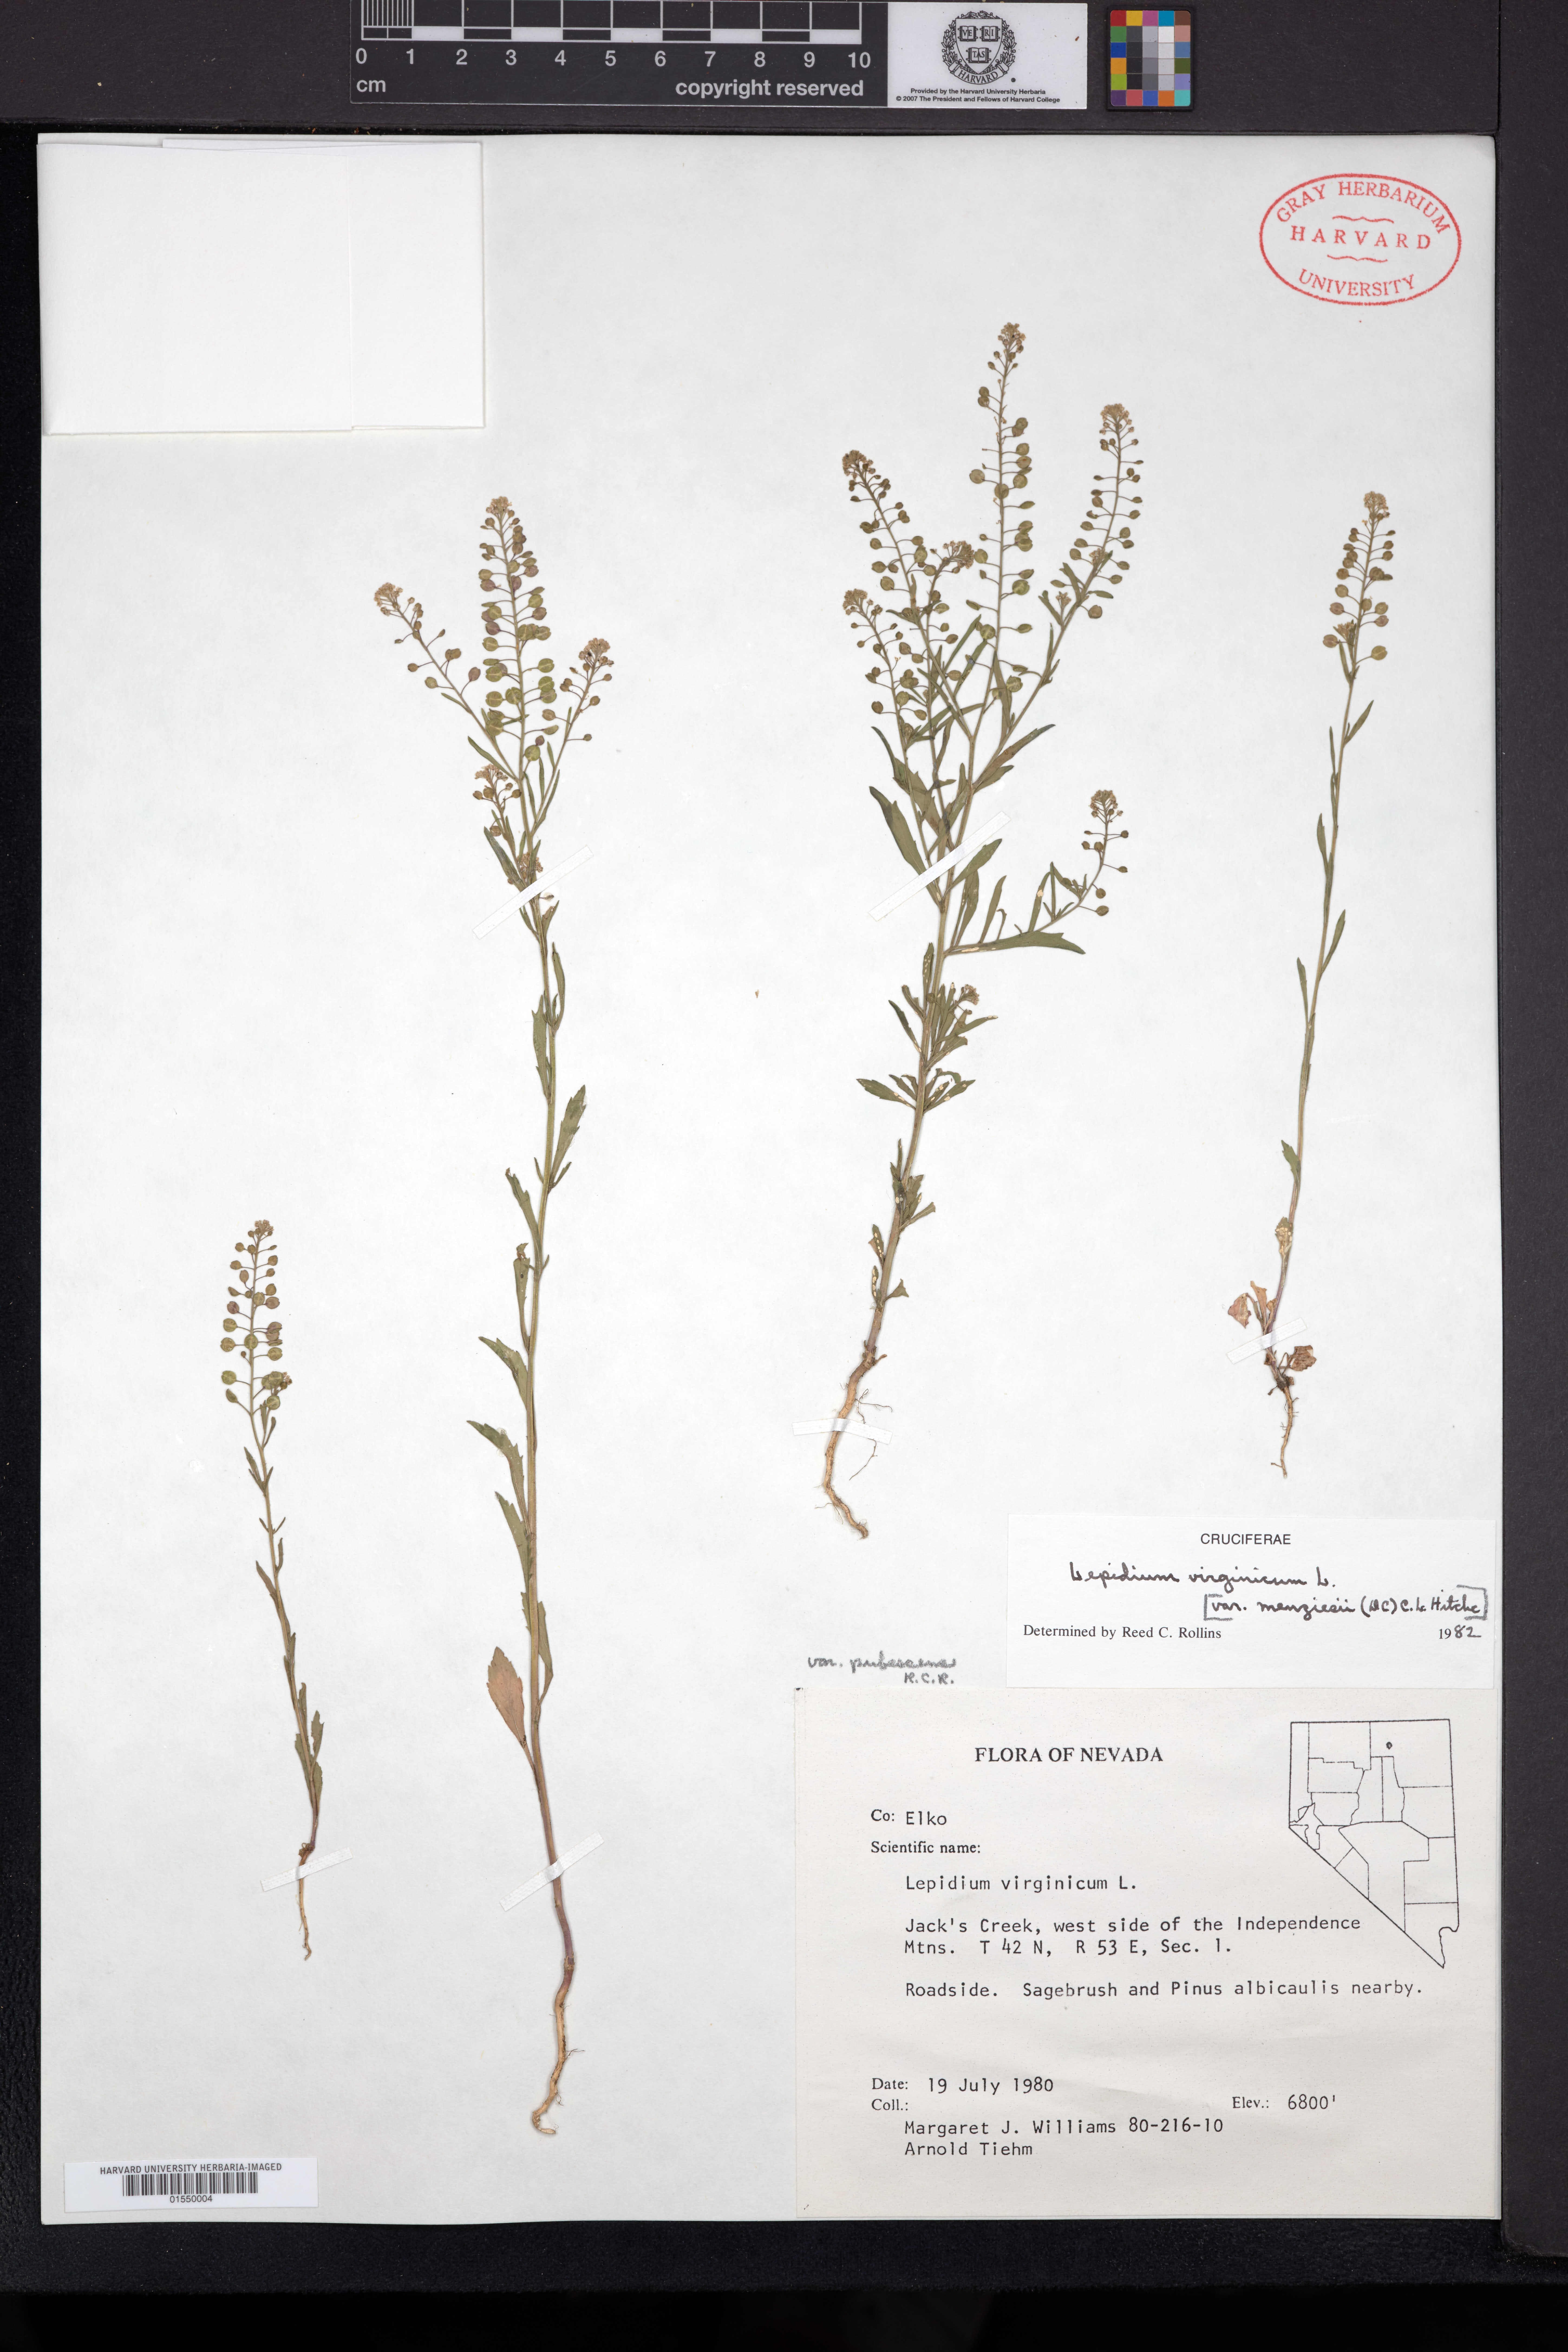 Lepidium virginicum var. pubescens image